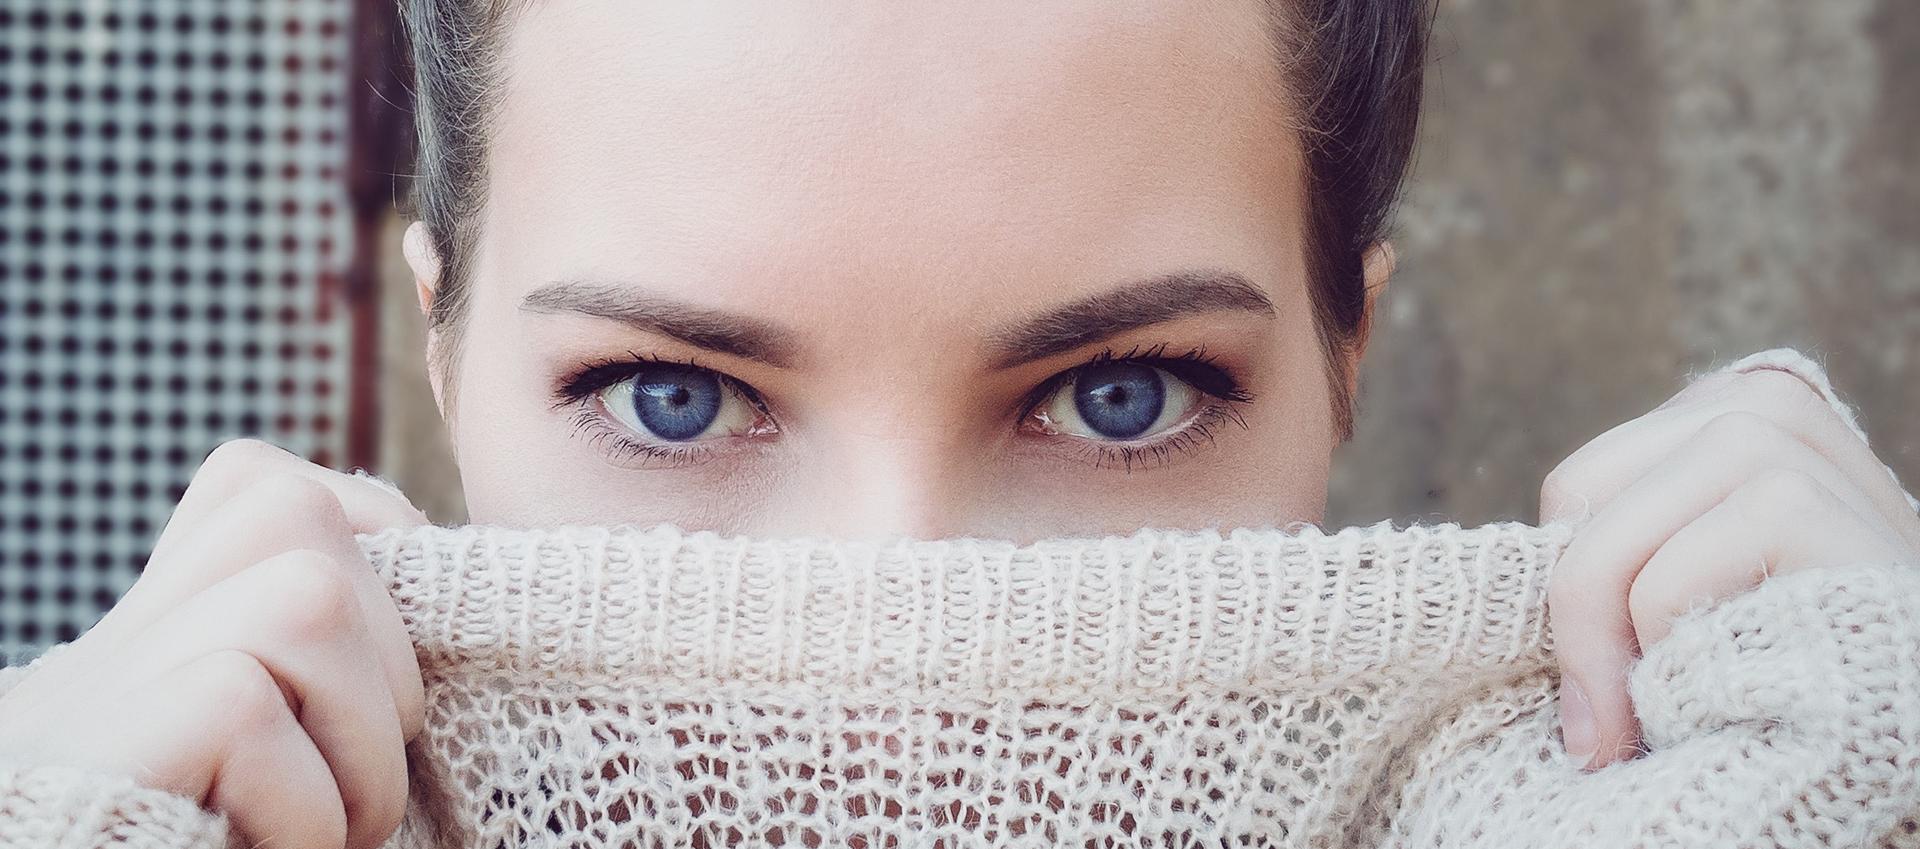 Rouge Poivré - Huile dans les yeux